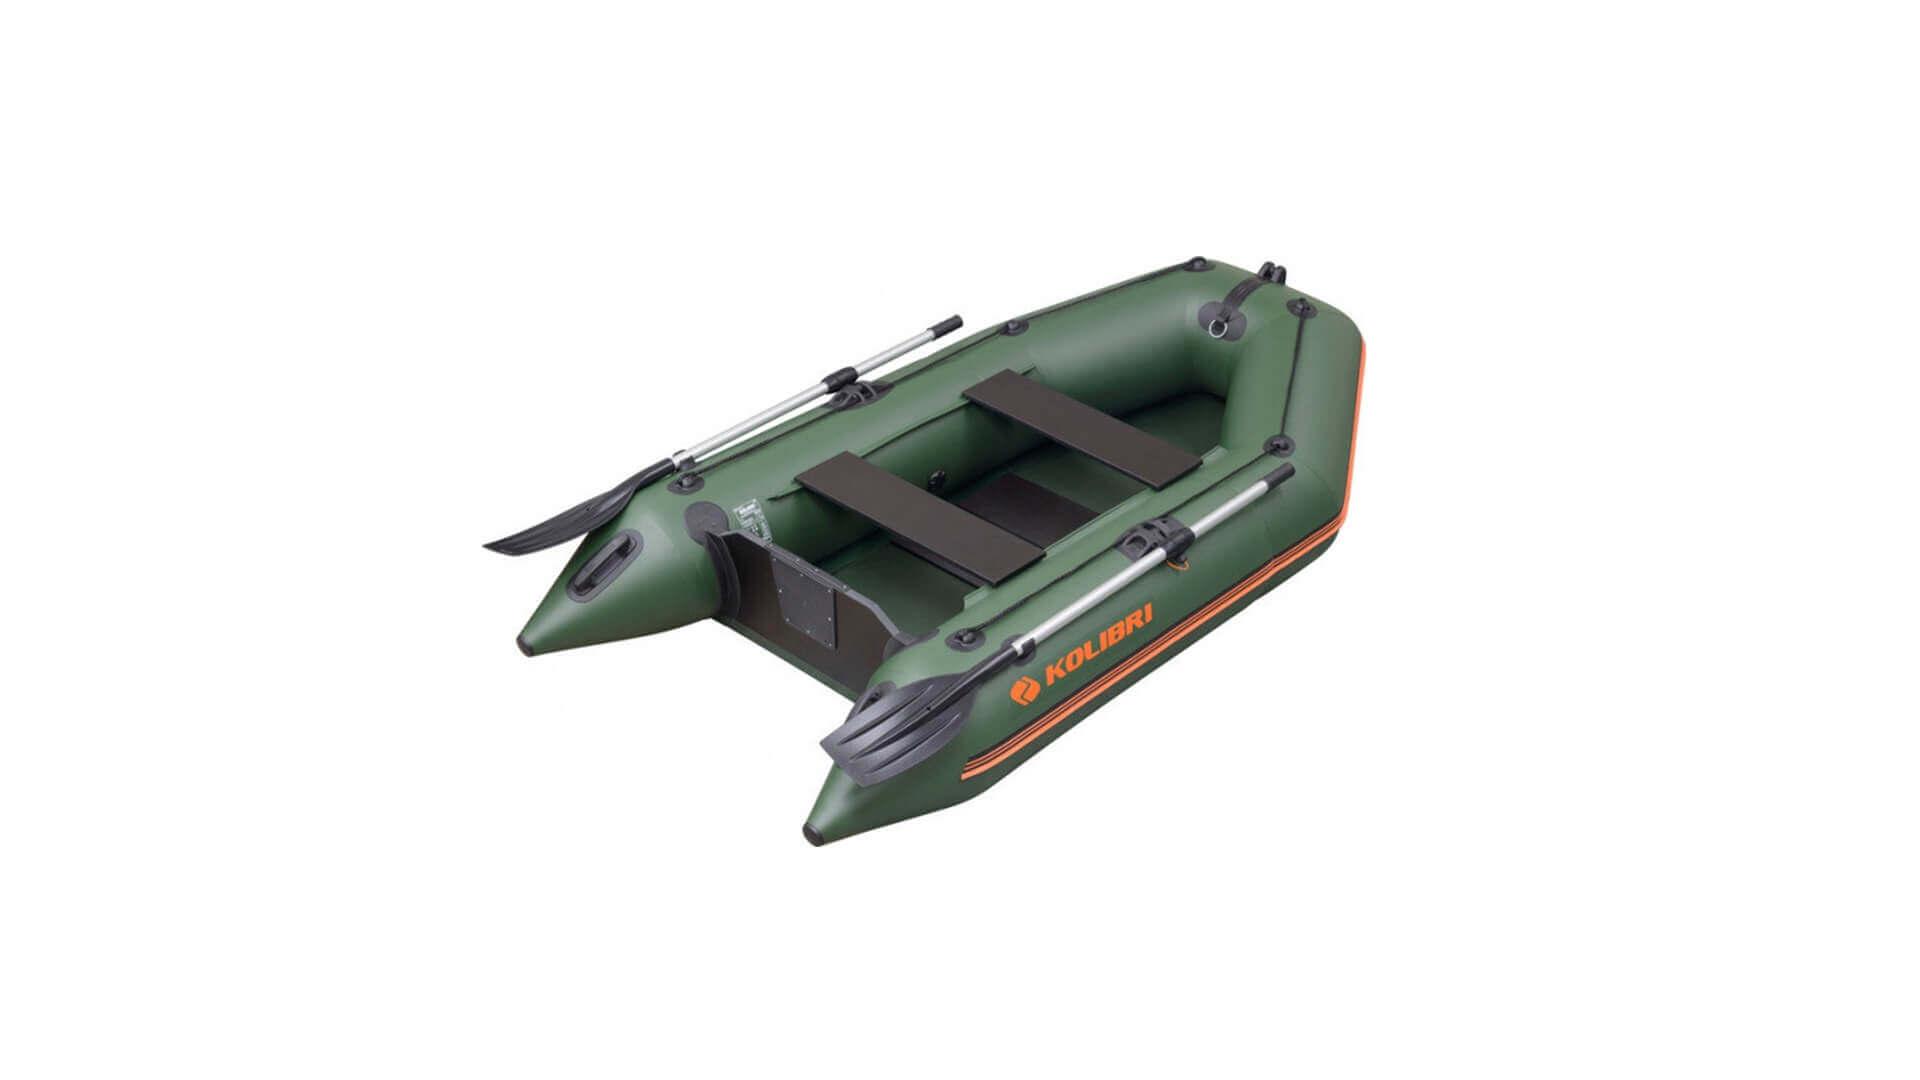 Надувная лодка Колибри КМ-260, Надувная лодка Колибри КМ-260, Надувная лодка Kolibri KM-260, Надувная лодка Kolibri KM-260, KOLIBRI KM-260, Колибри KM-260, KOLIBRI KM 260, KM-260, KOLIBRI KM260, KM260, Надувная лодка KOLIBRI, Надувная лодка Колибри, Разборная лодка, Складная лодка, надувная лодка с транцем, надувная лодка для рыбалки, надувная лодка пвх, лодка пвх